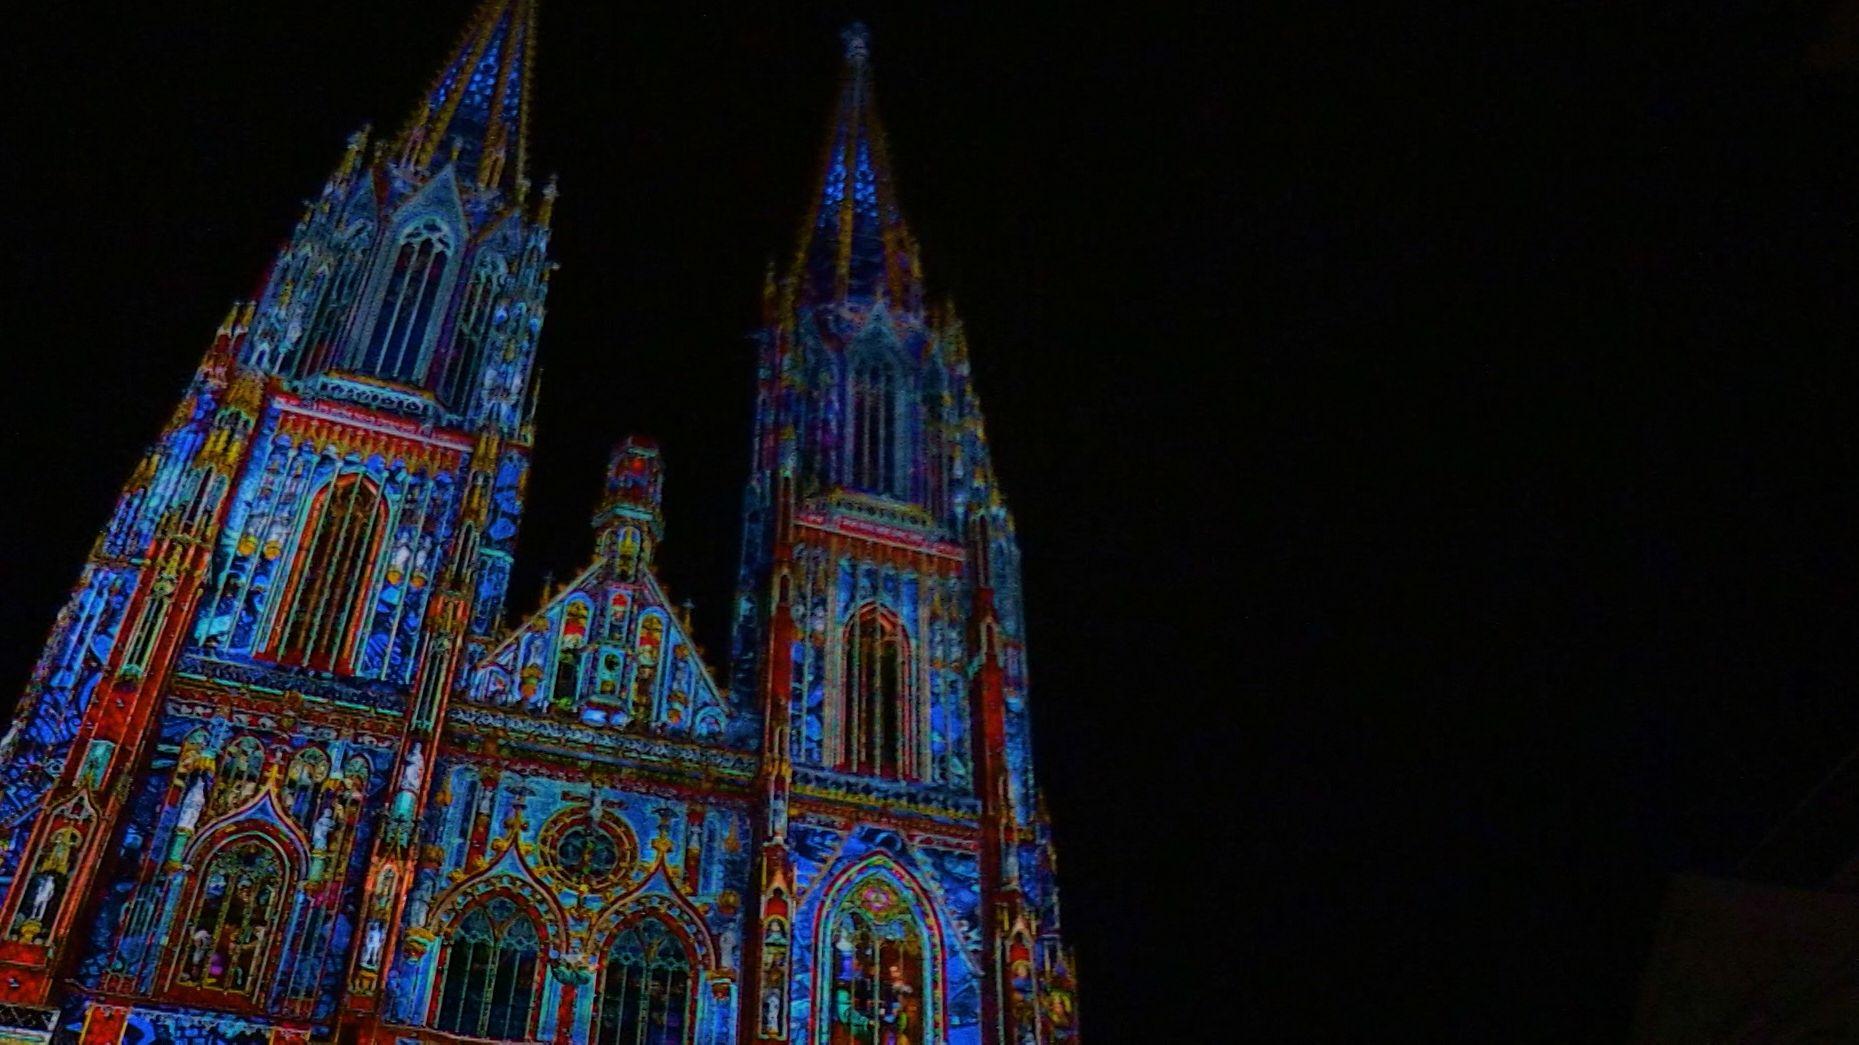 Vor 150 Jahren sind die Türme des Regensburger Doms fertiggestellt worden. Dieses Jubiläum feiert die Stadt in dieser Woche.